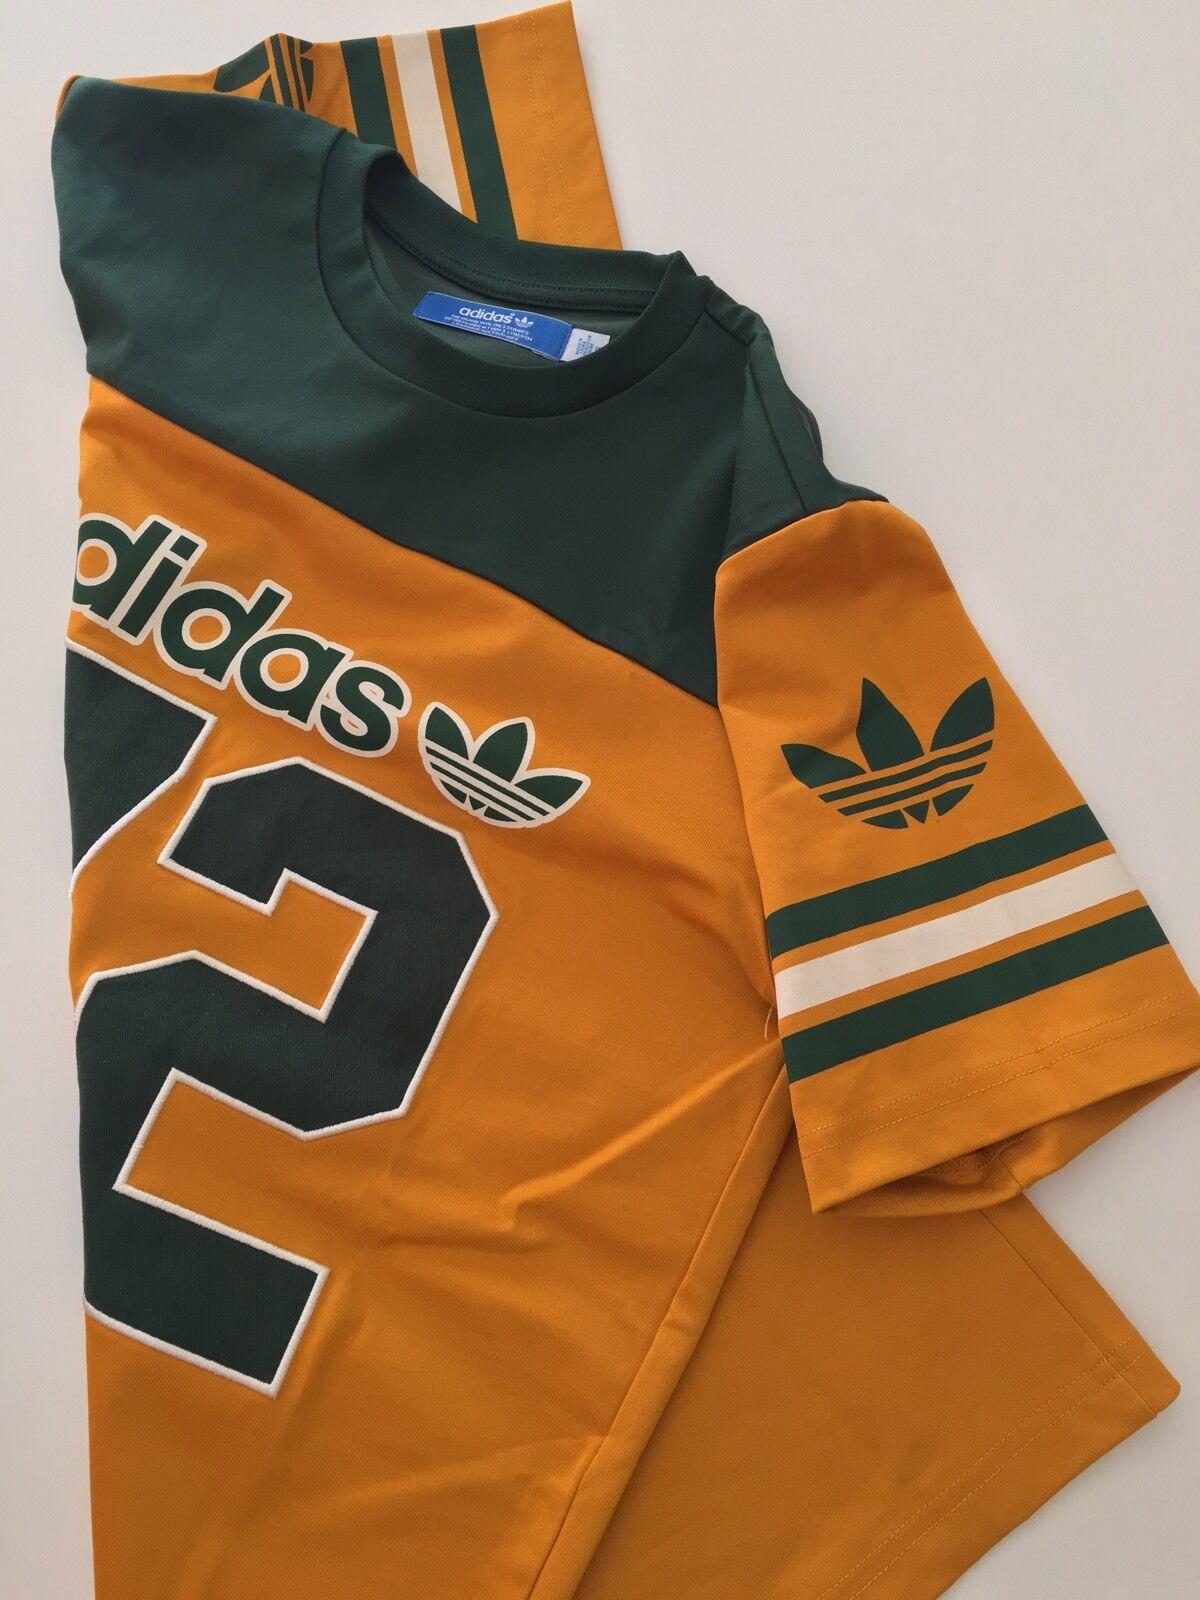 ADIDAS ORIGINALS T-shirt Cod. X51652 X51652 X51652 2a779b